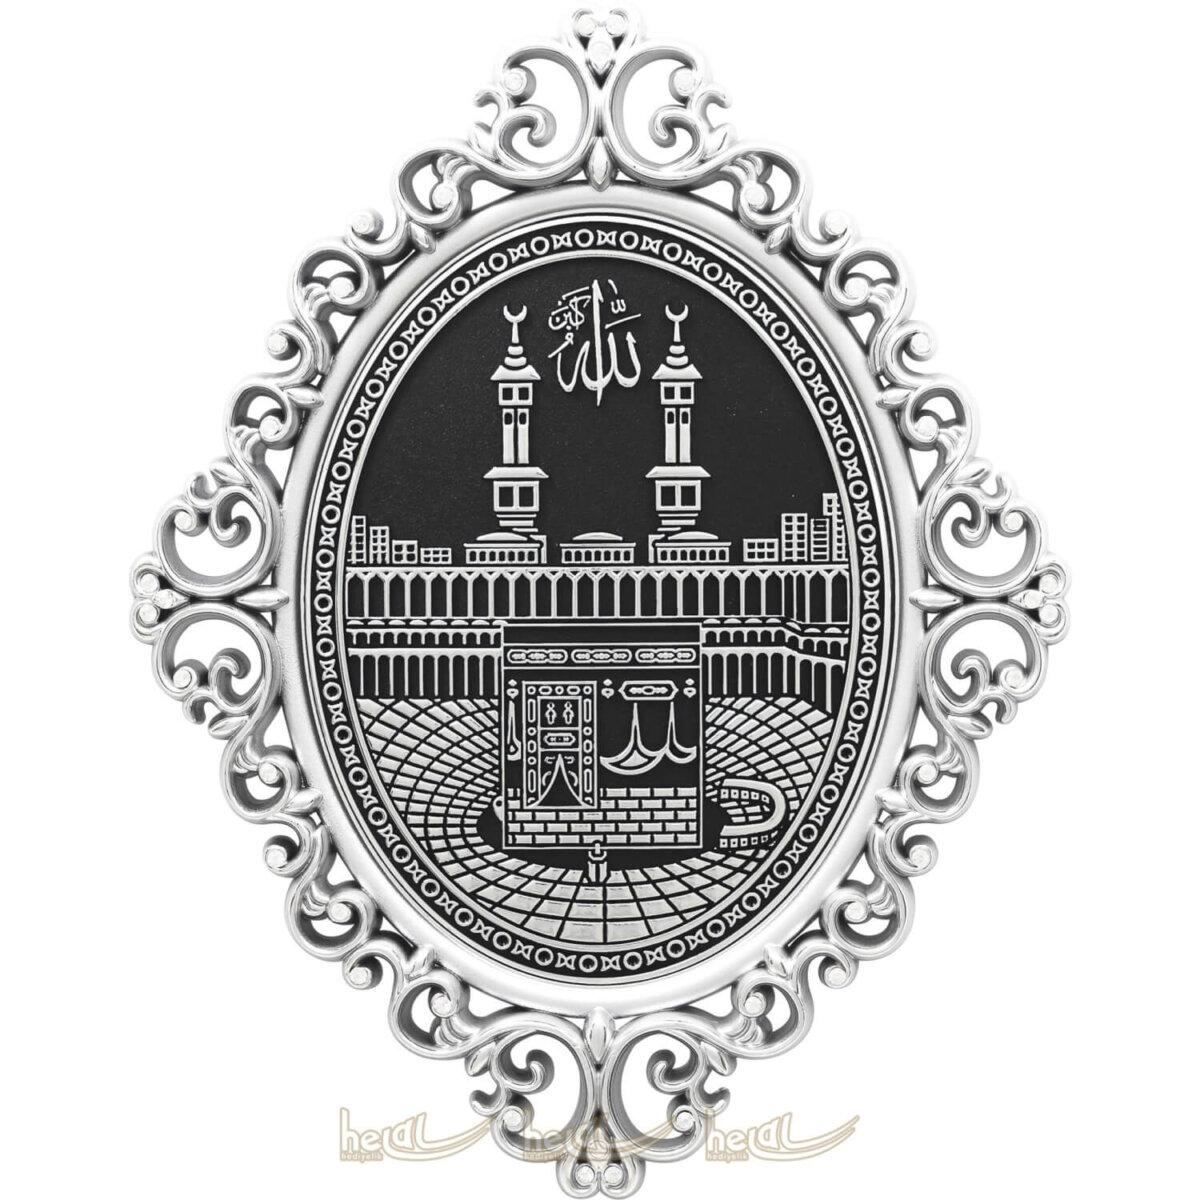 28x38cm Büyük Kabe-i Şerif Mekke Hac Dini Hediye Osmanlı Motifli Modern Lüks Duvar Panosu Kabe